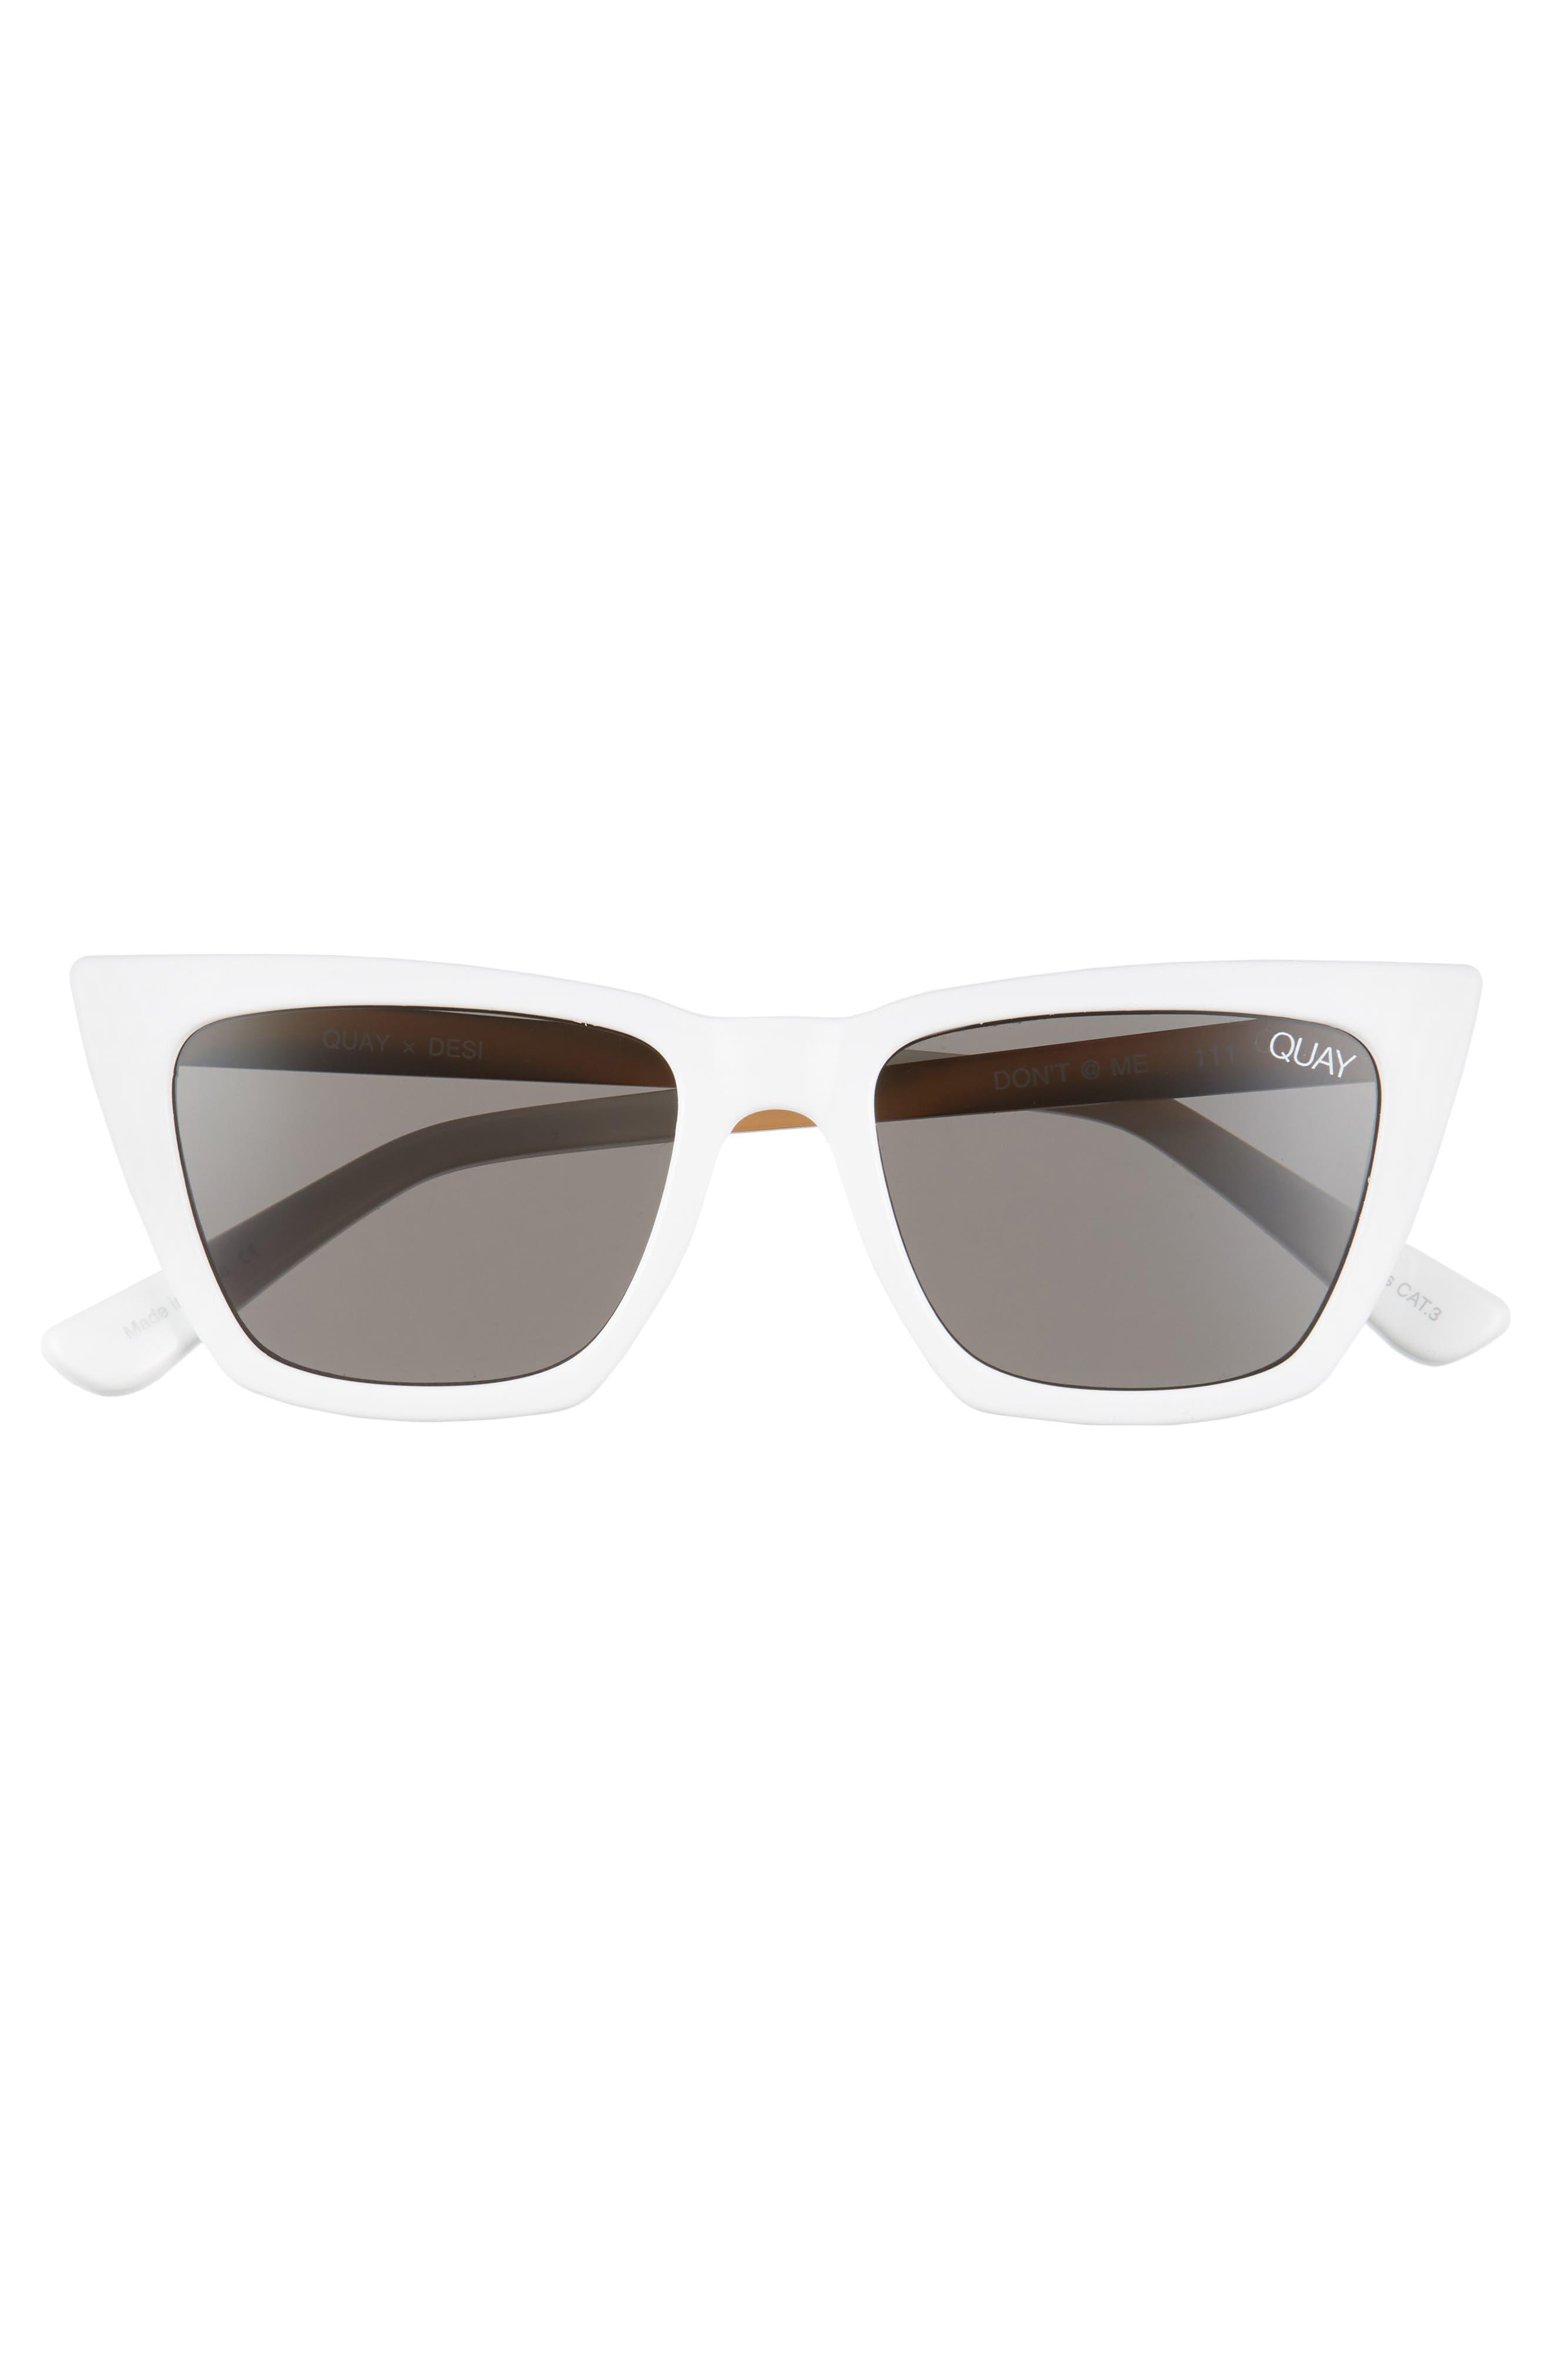 x Desi Perkins Don't @ Me 48mm Cat Eye Sunglasses,                             Alternate thumbnail 3, color,                             WHITE/ SMOKE